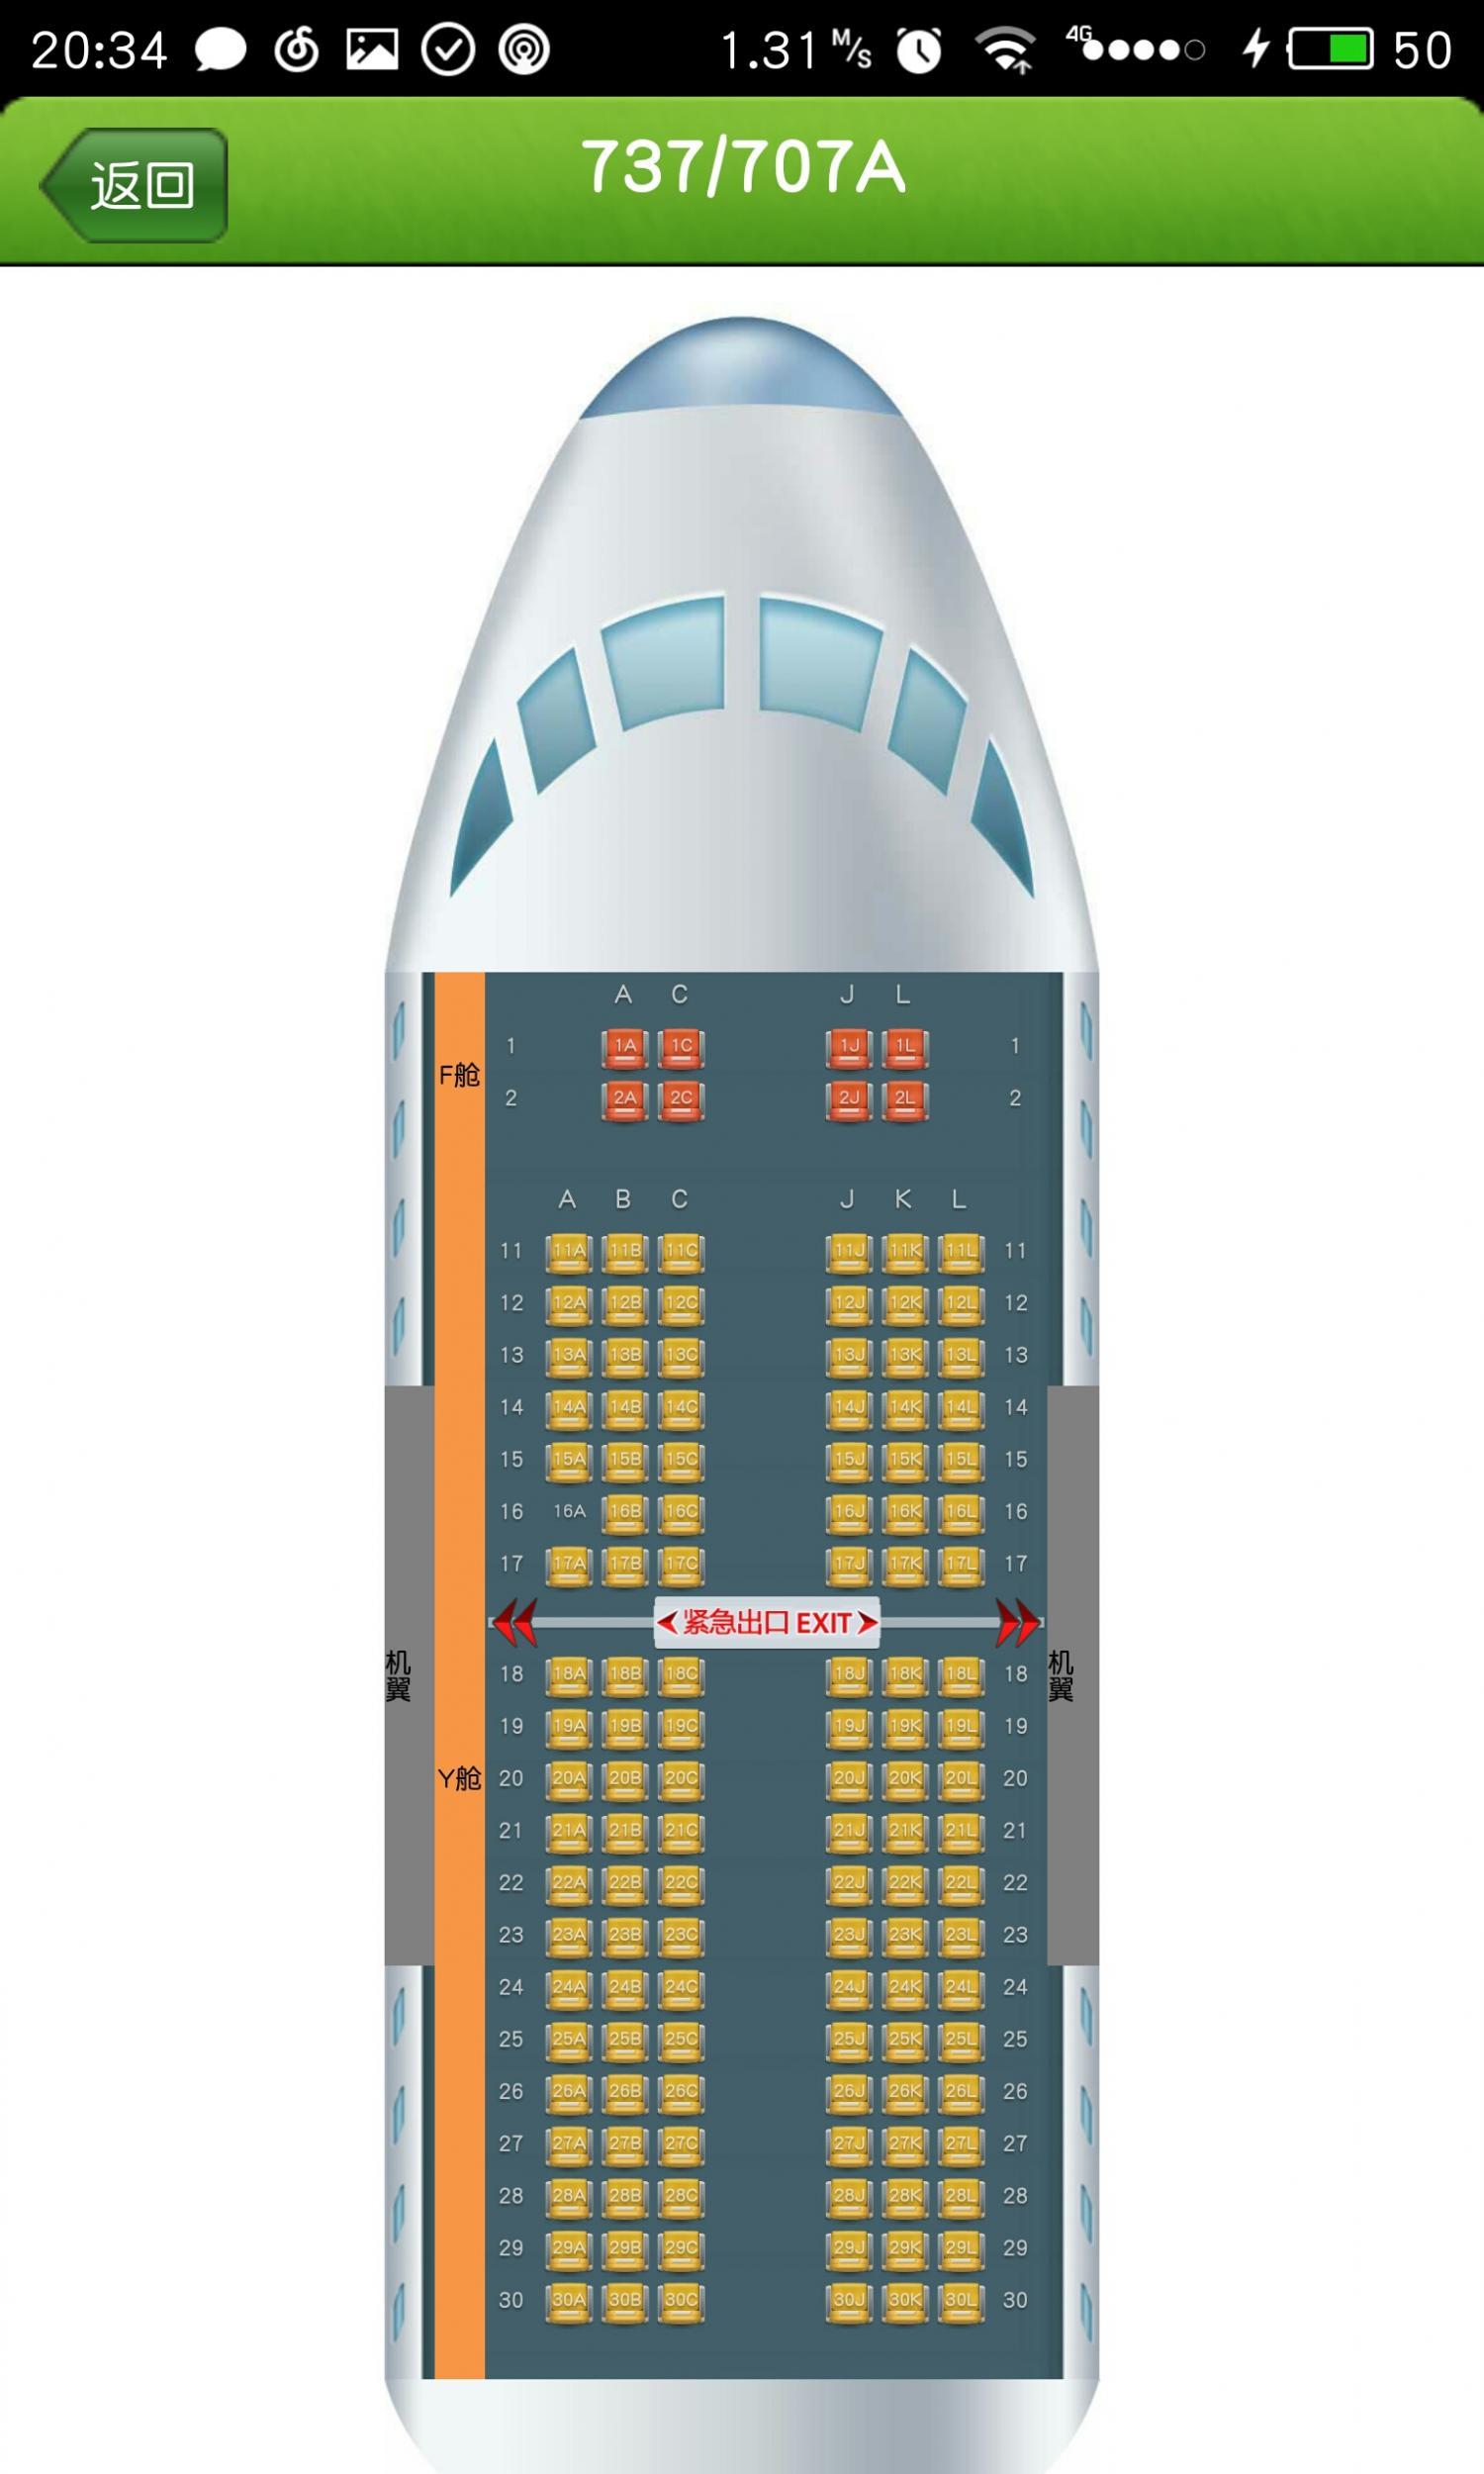 飞机座位分布图